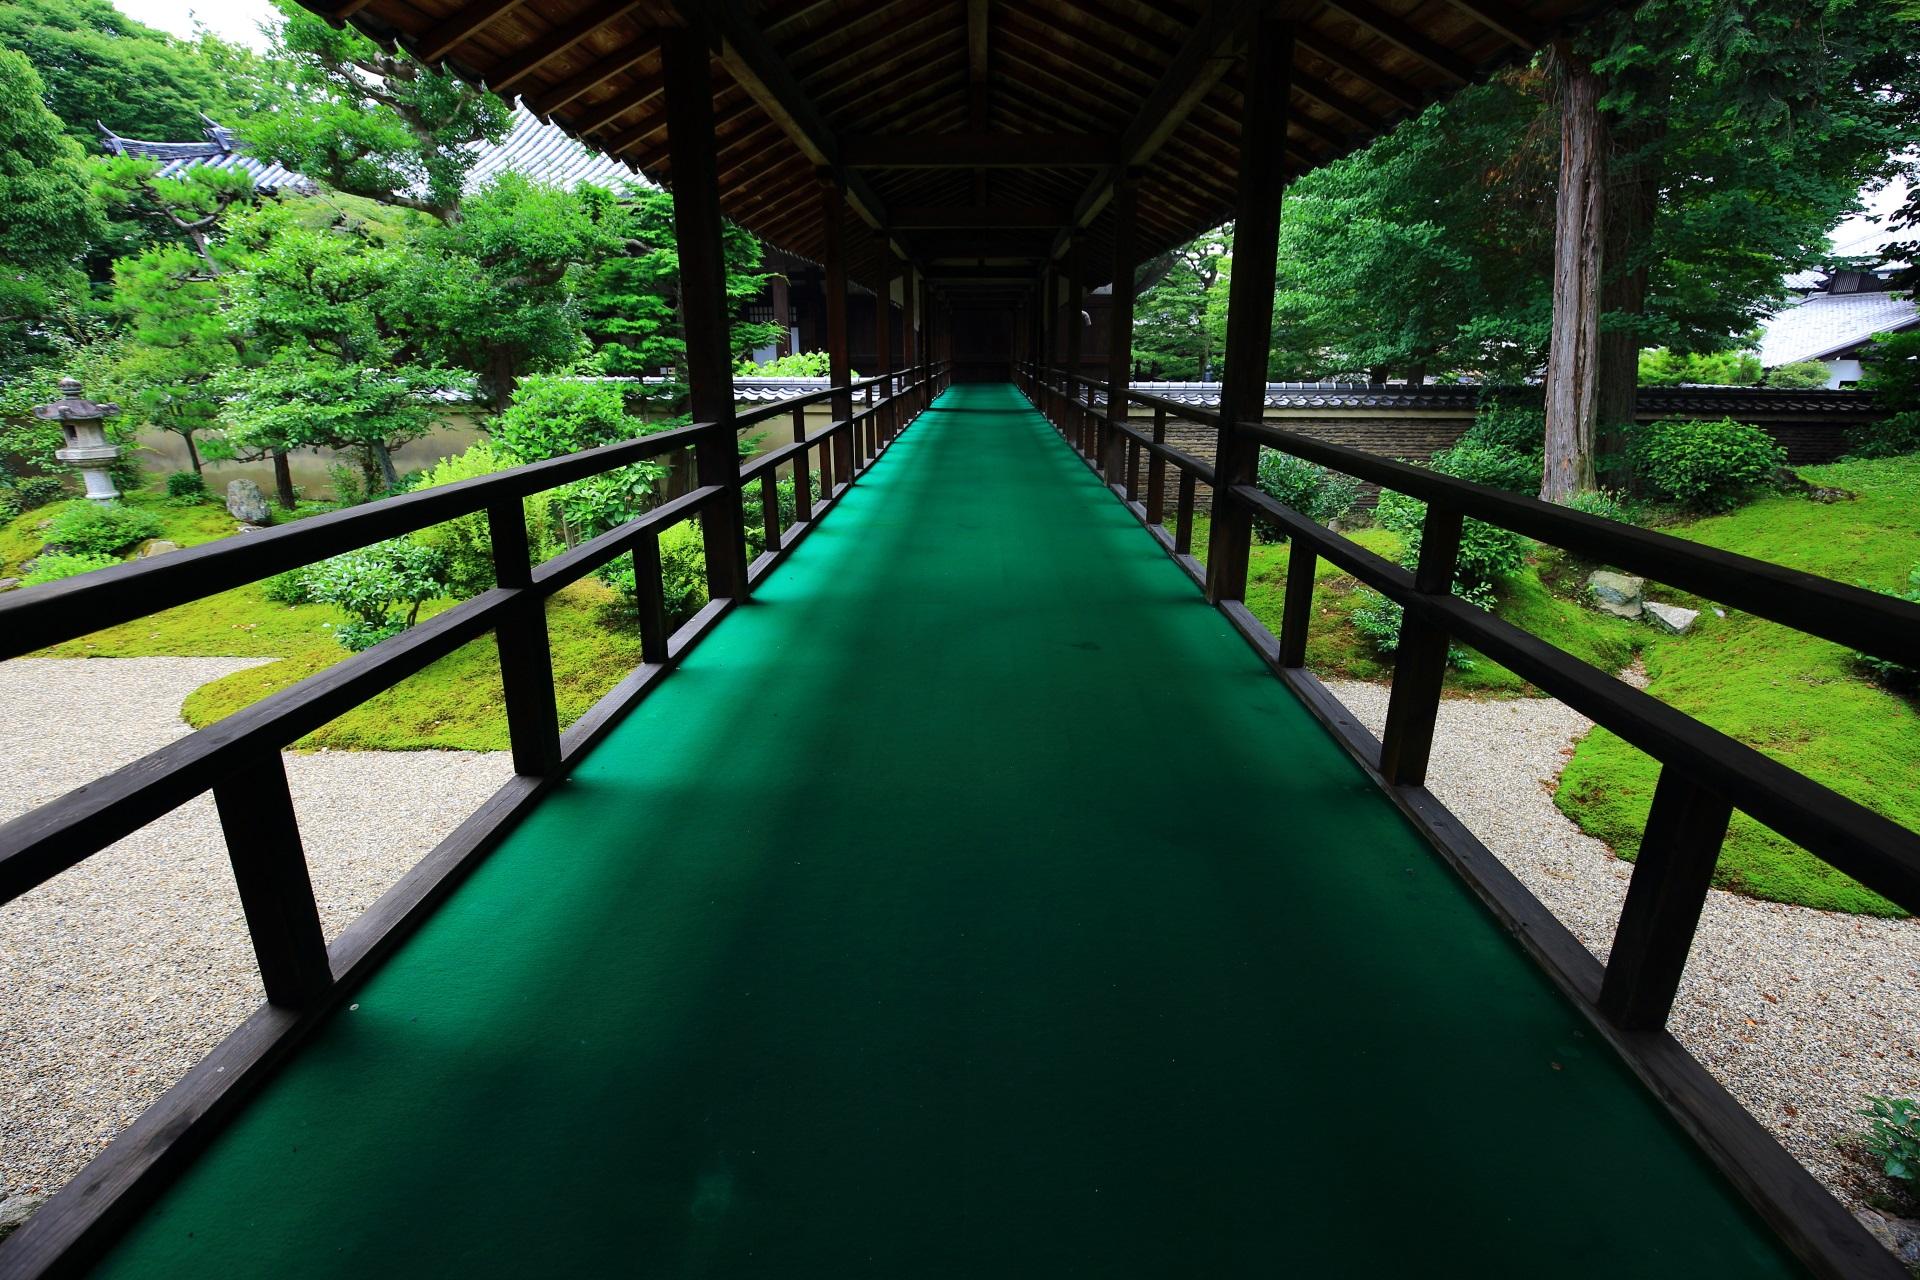 立本寺の客殿から本堂へ続く回廊